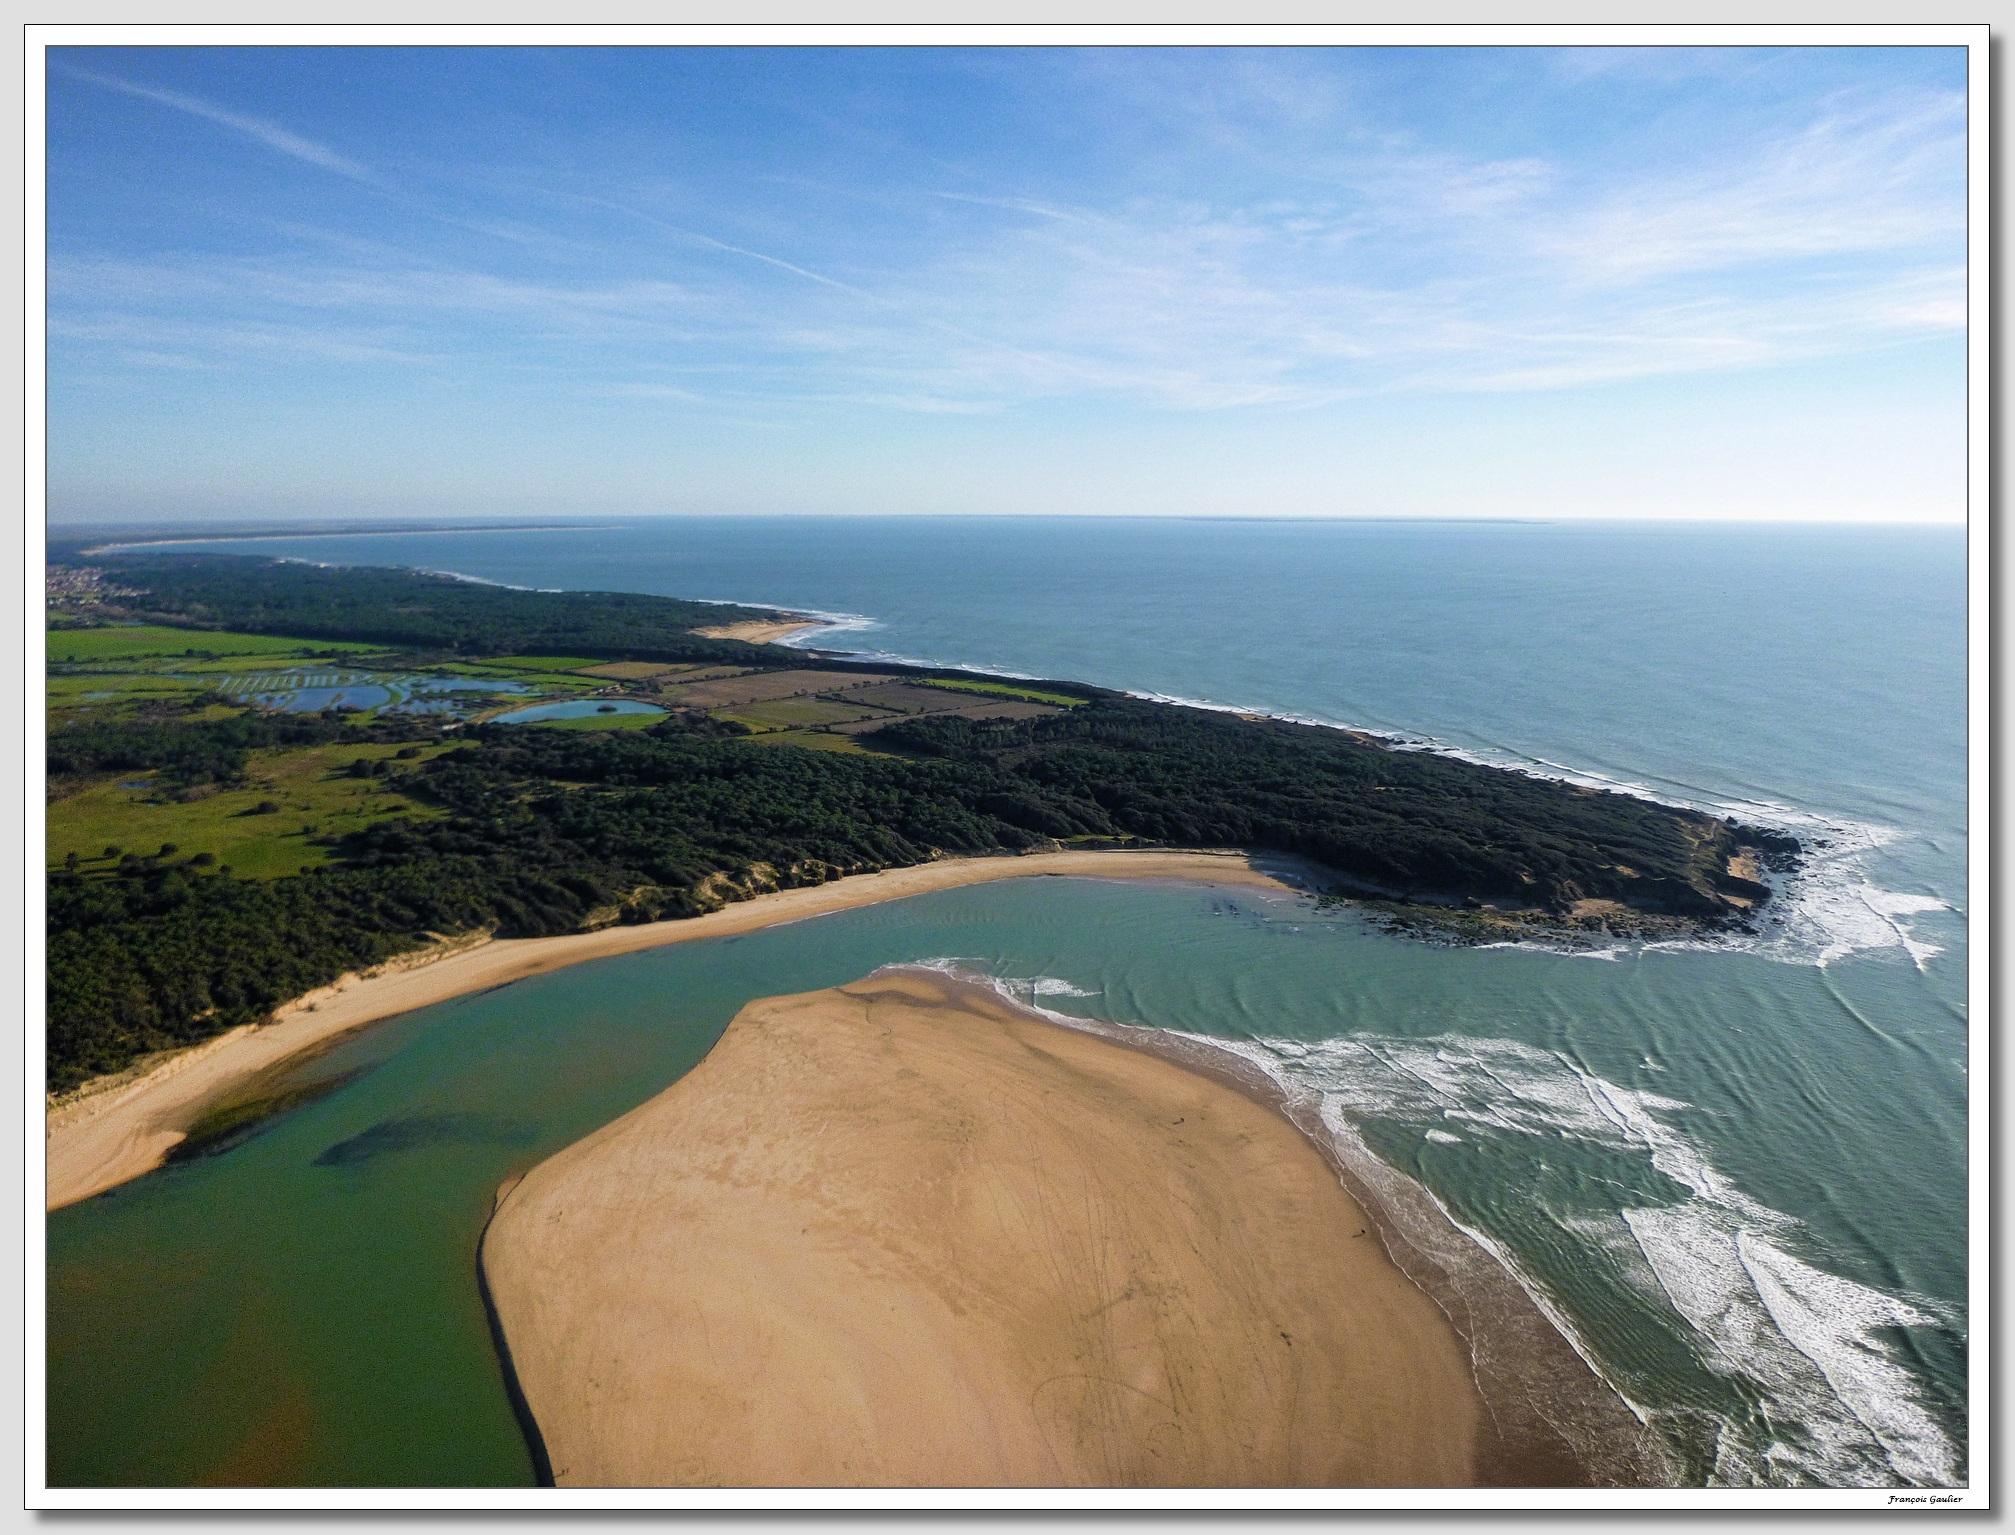 Sud ouest de Talmont Saint Hilaire vu du ciel (Vendée)